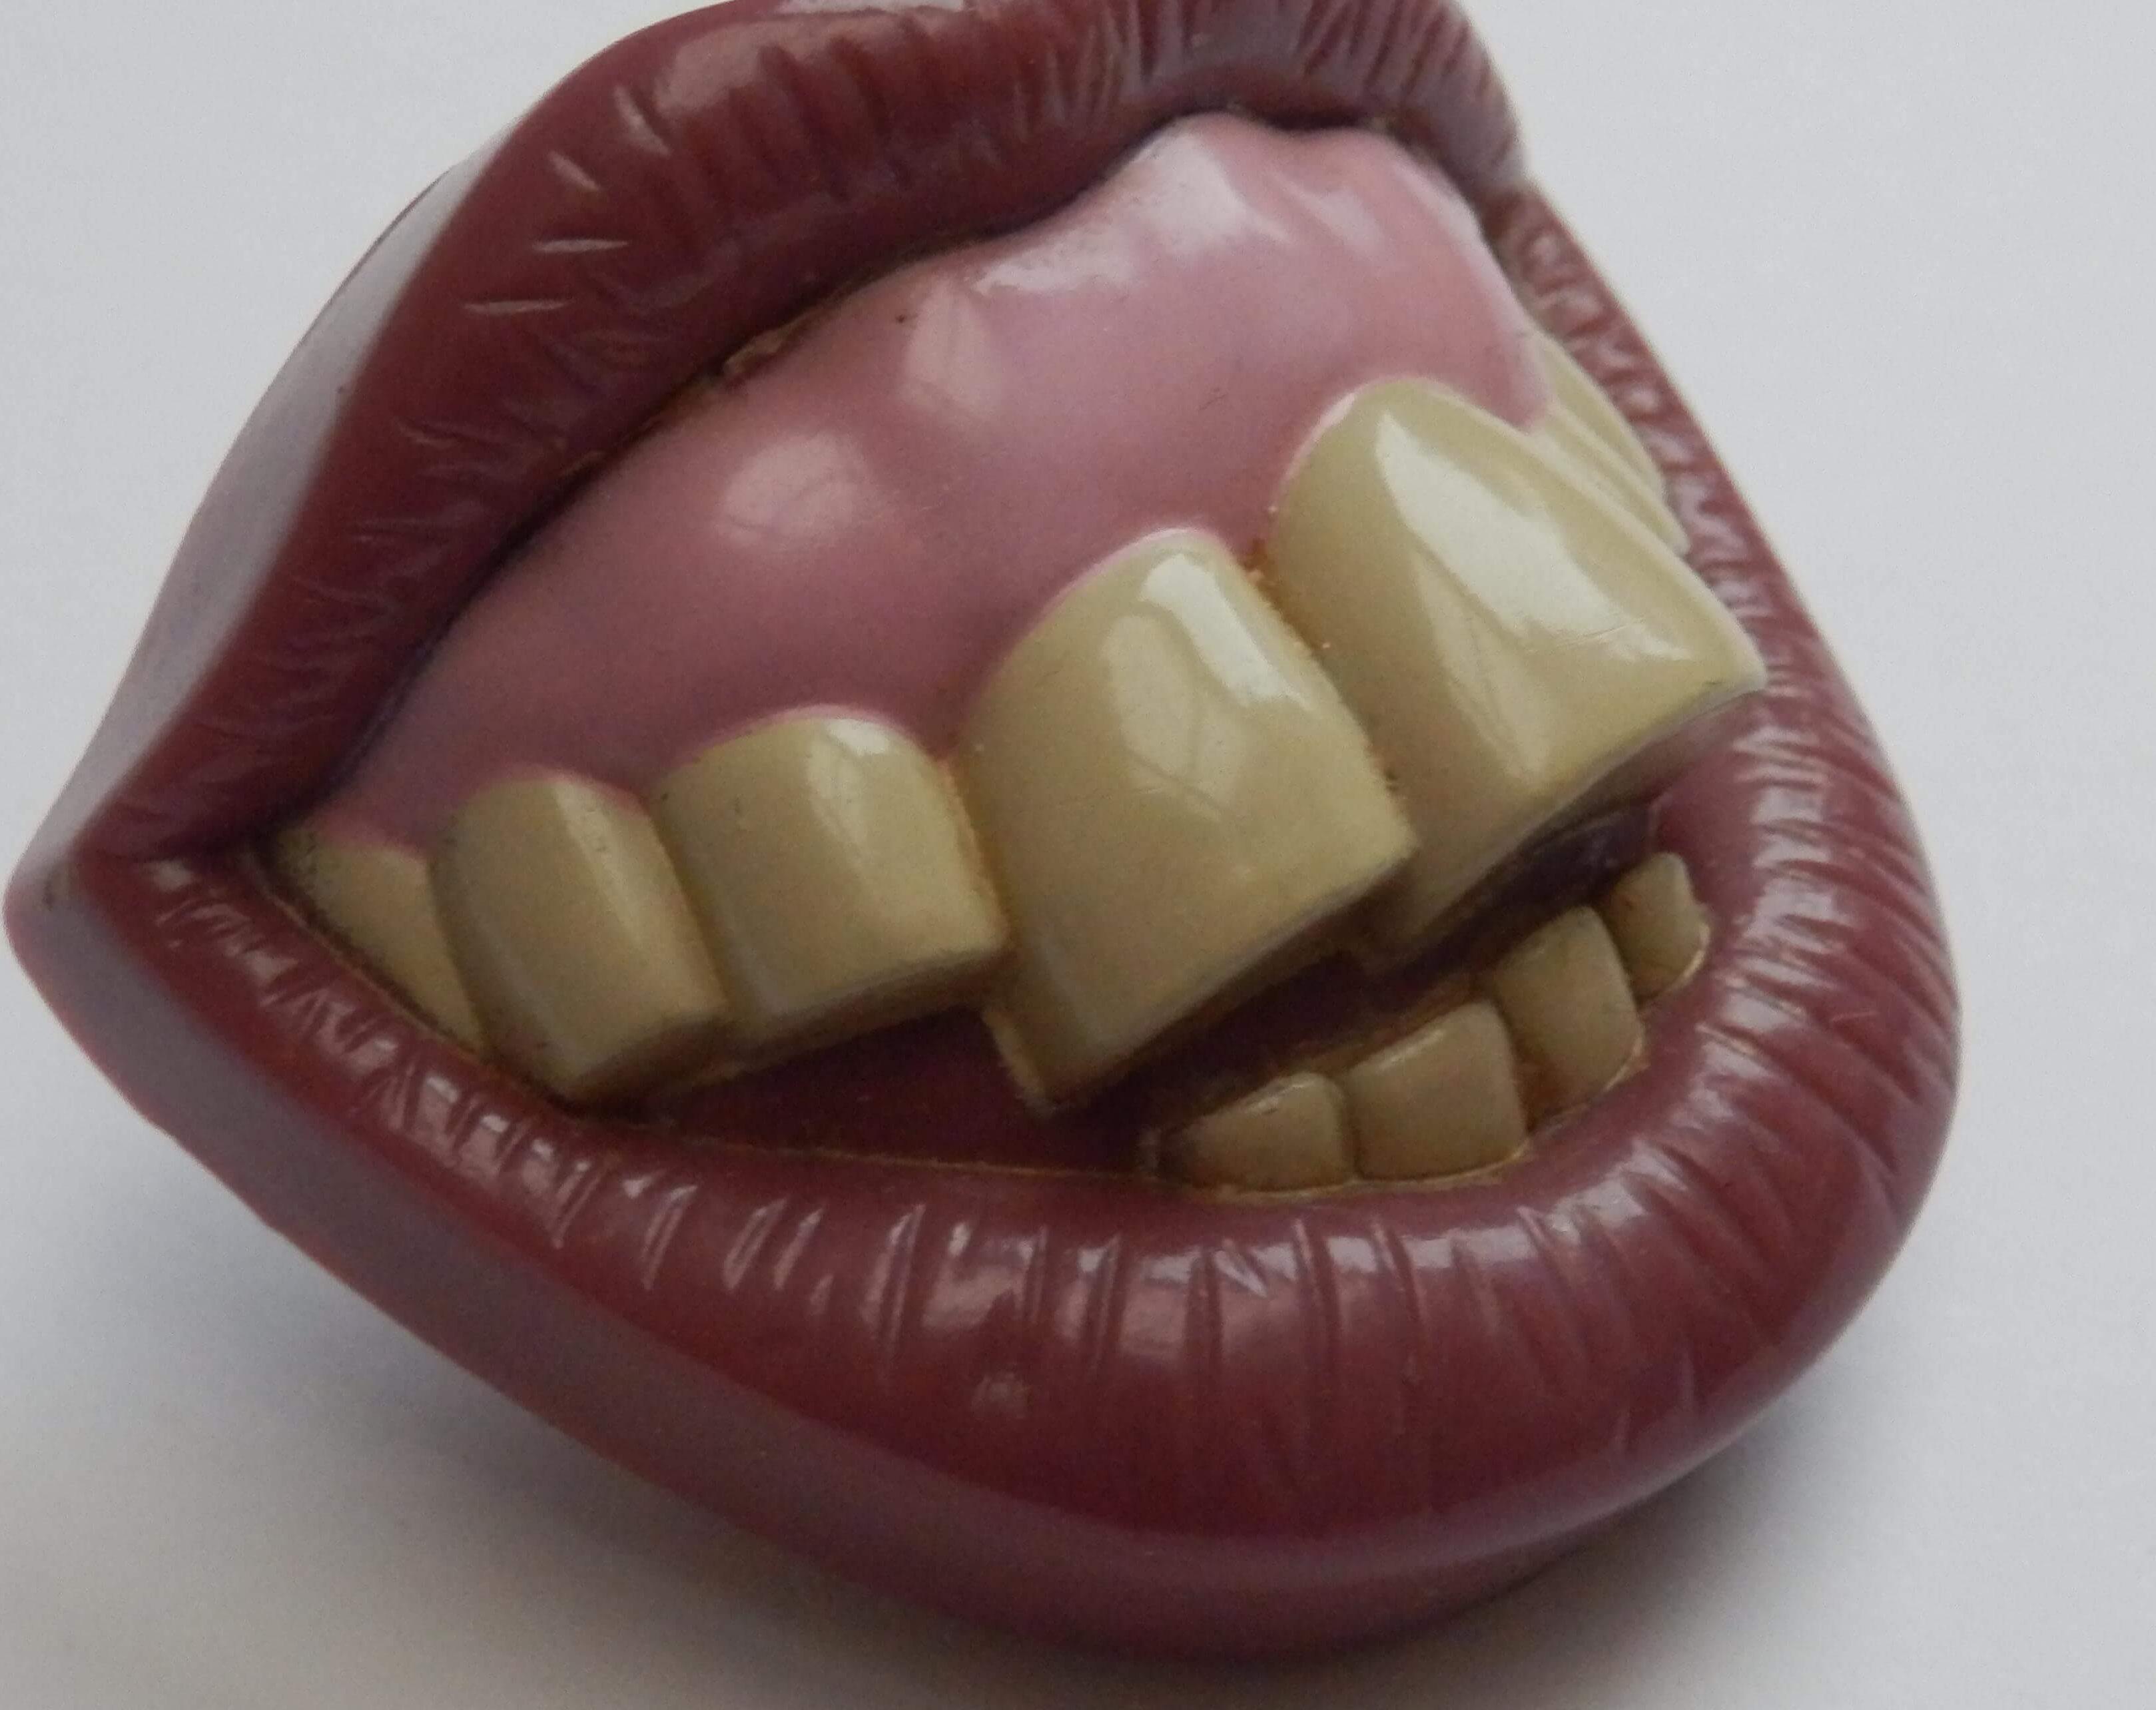 réparer les mauvaises dents